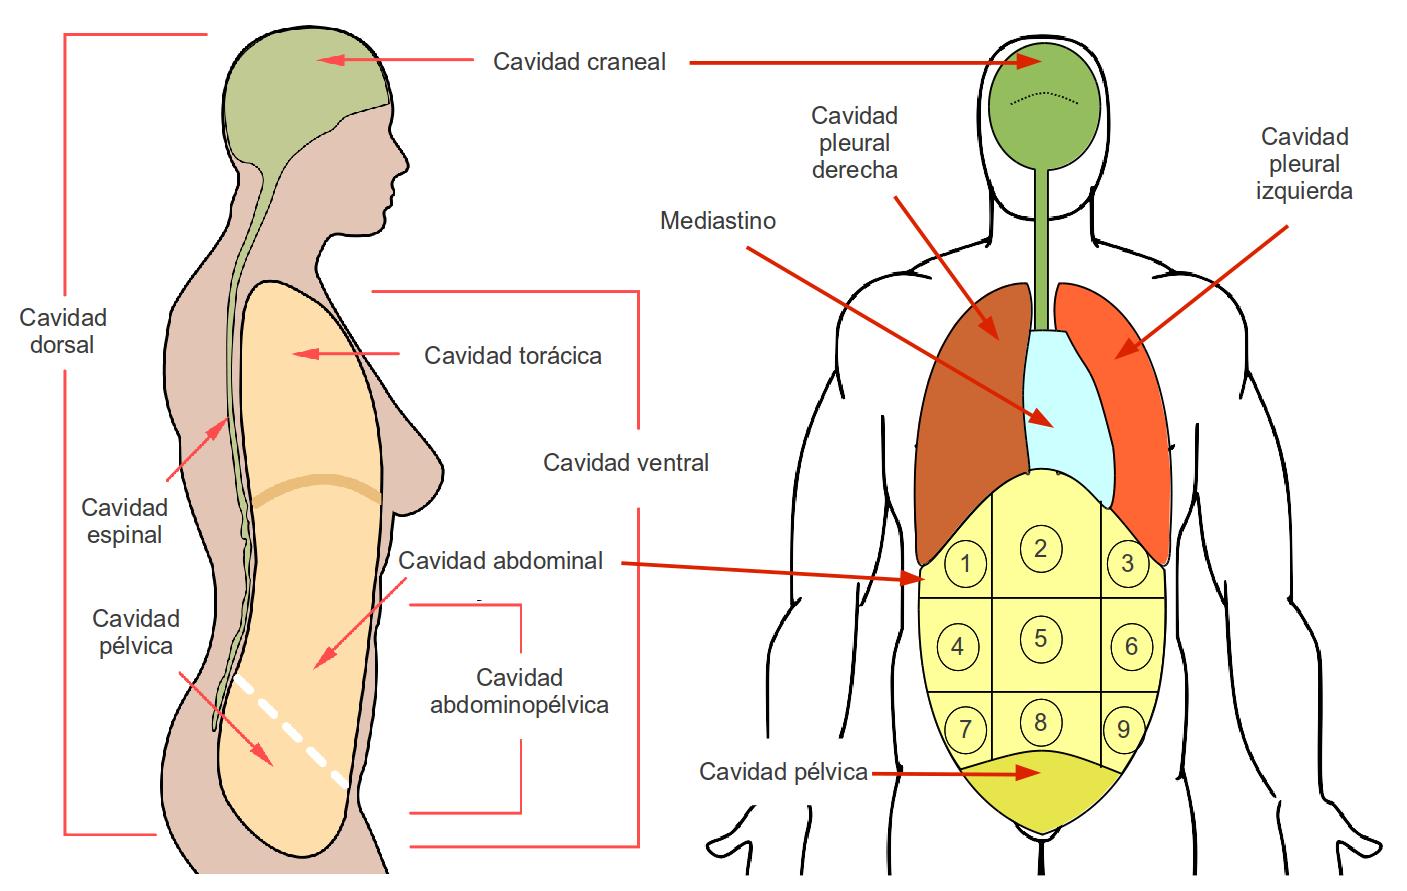 Asombroso Cavidades Corporales Diagrama Cresta - Anatomía de Las ...